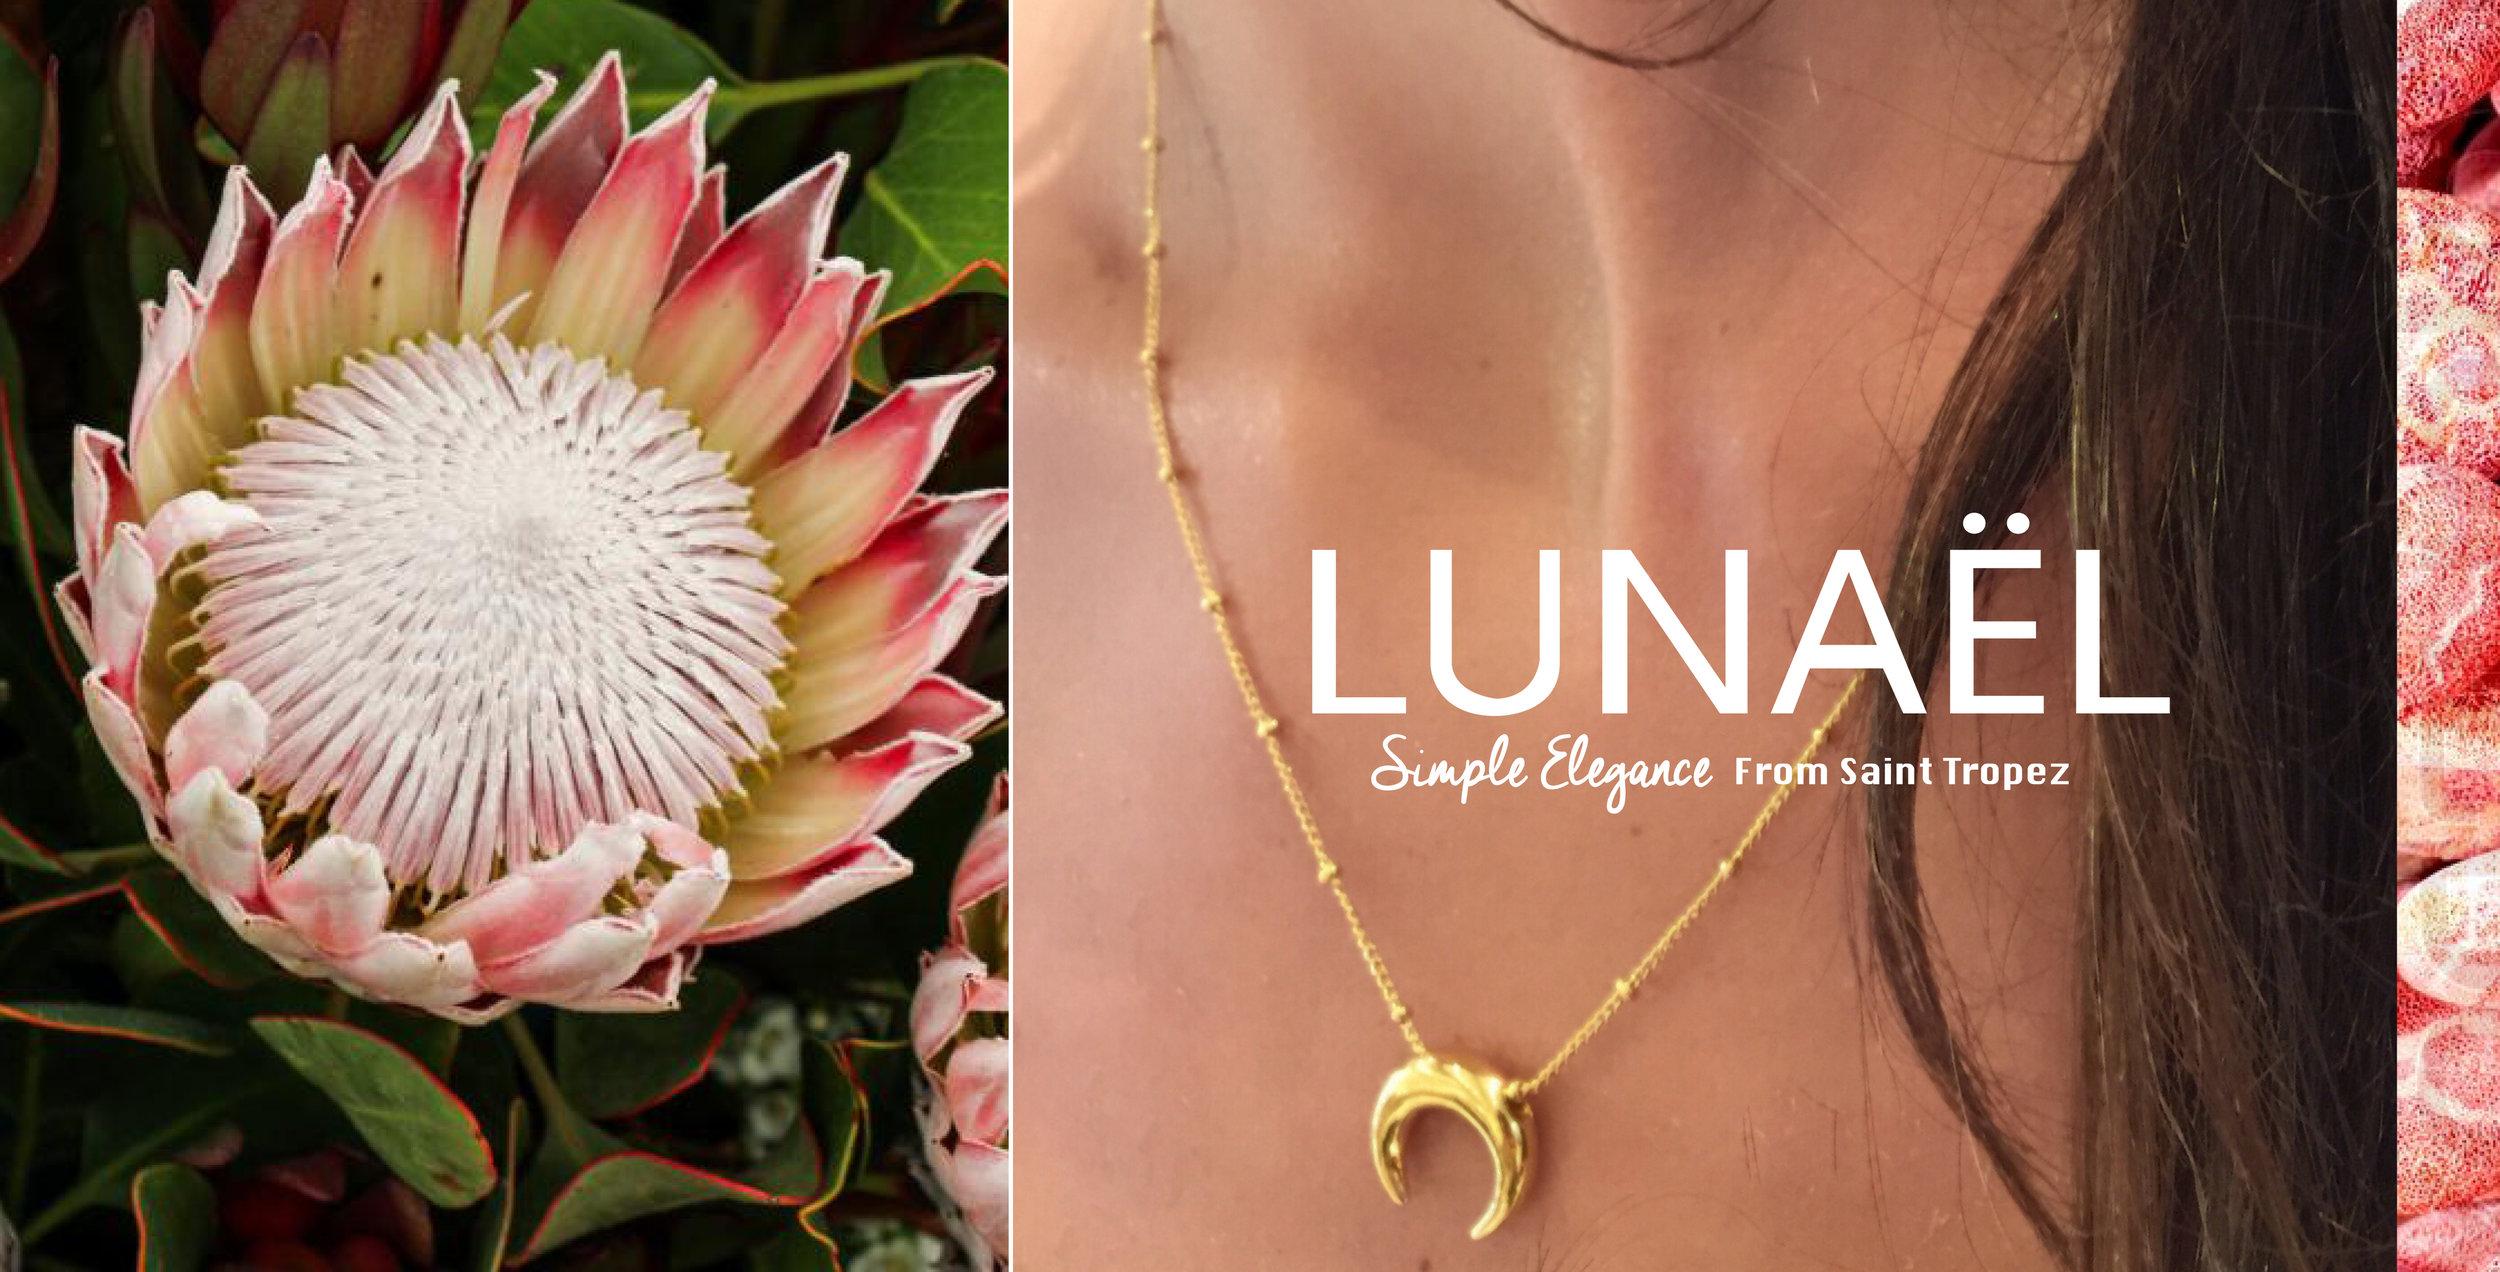 lunael-simple elegance.jpg